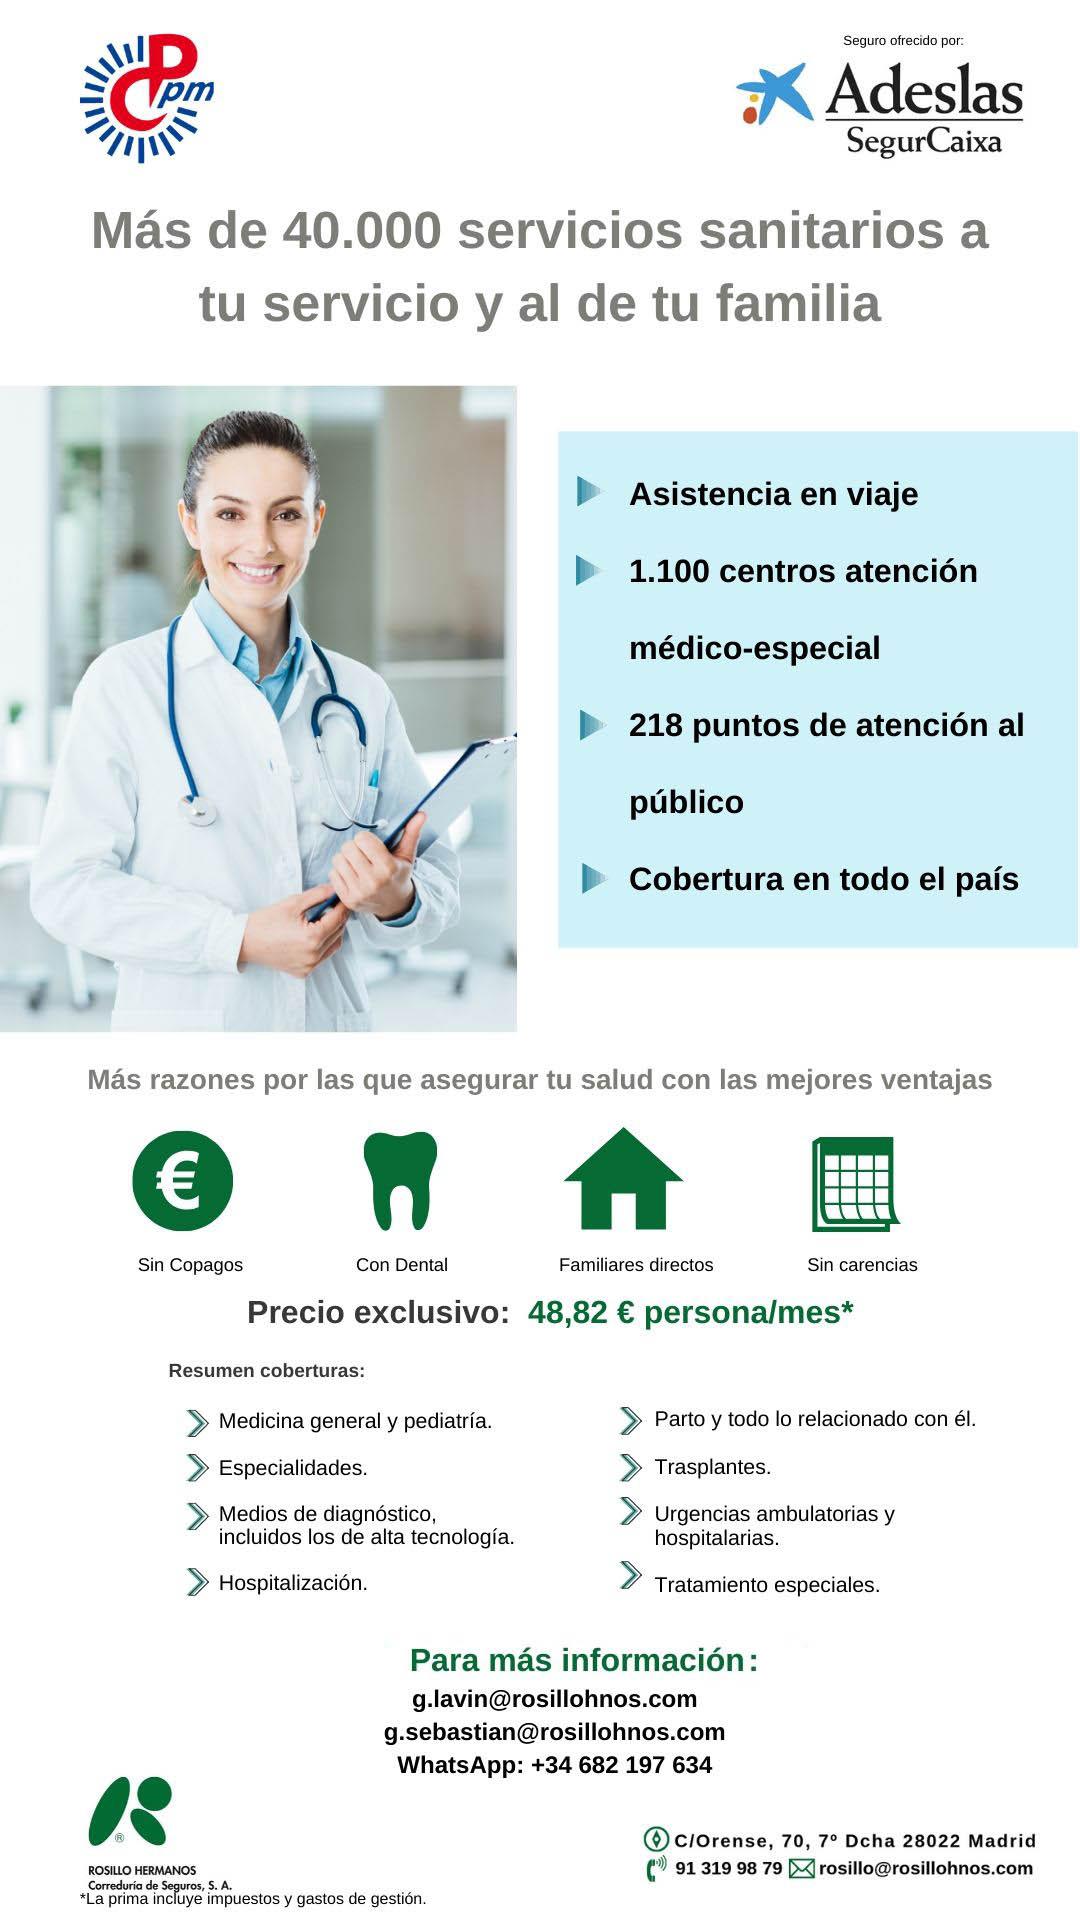 Seguro Salud Adeslas Segurcaixa